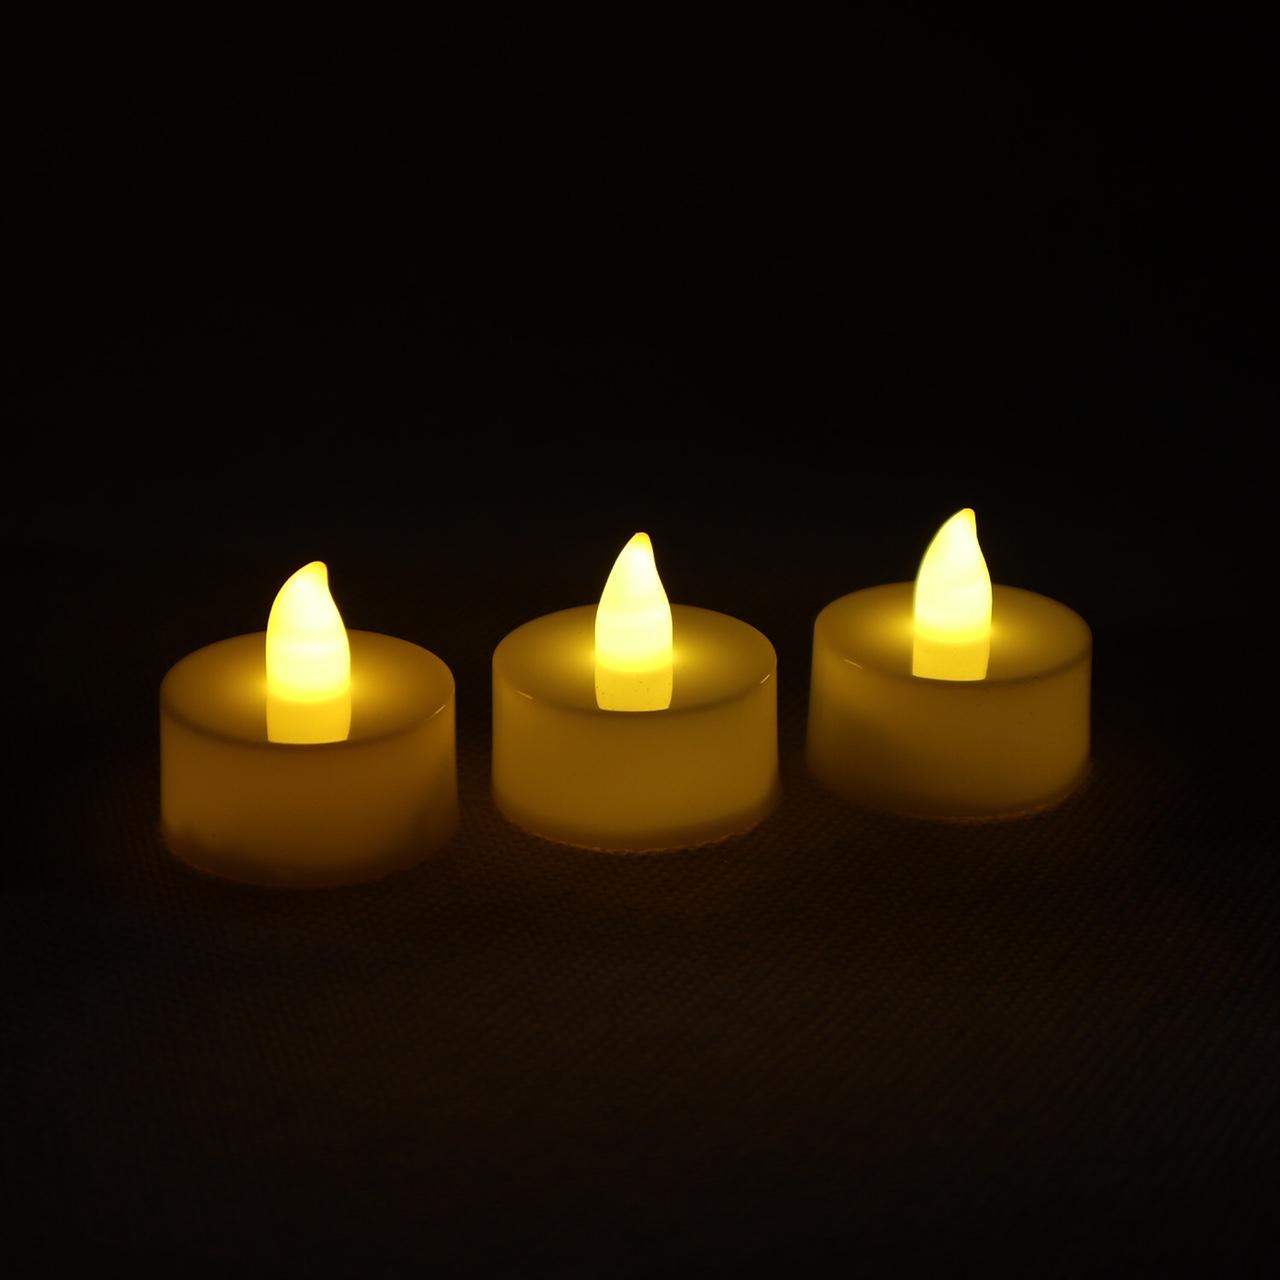 标价为实价低价批发茶蜡LED电子蜡烛灯圆柱形注塑现货黄光